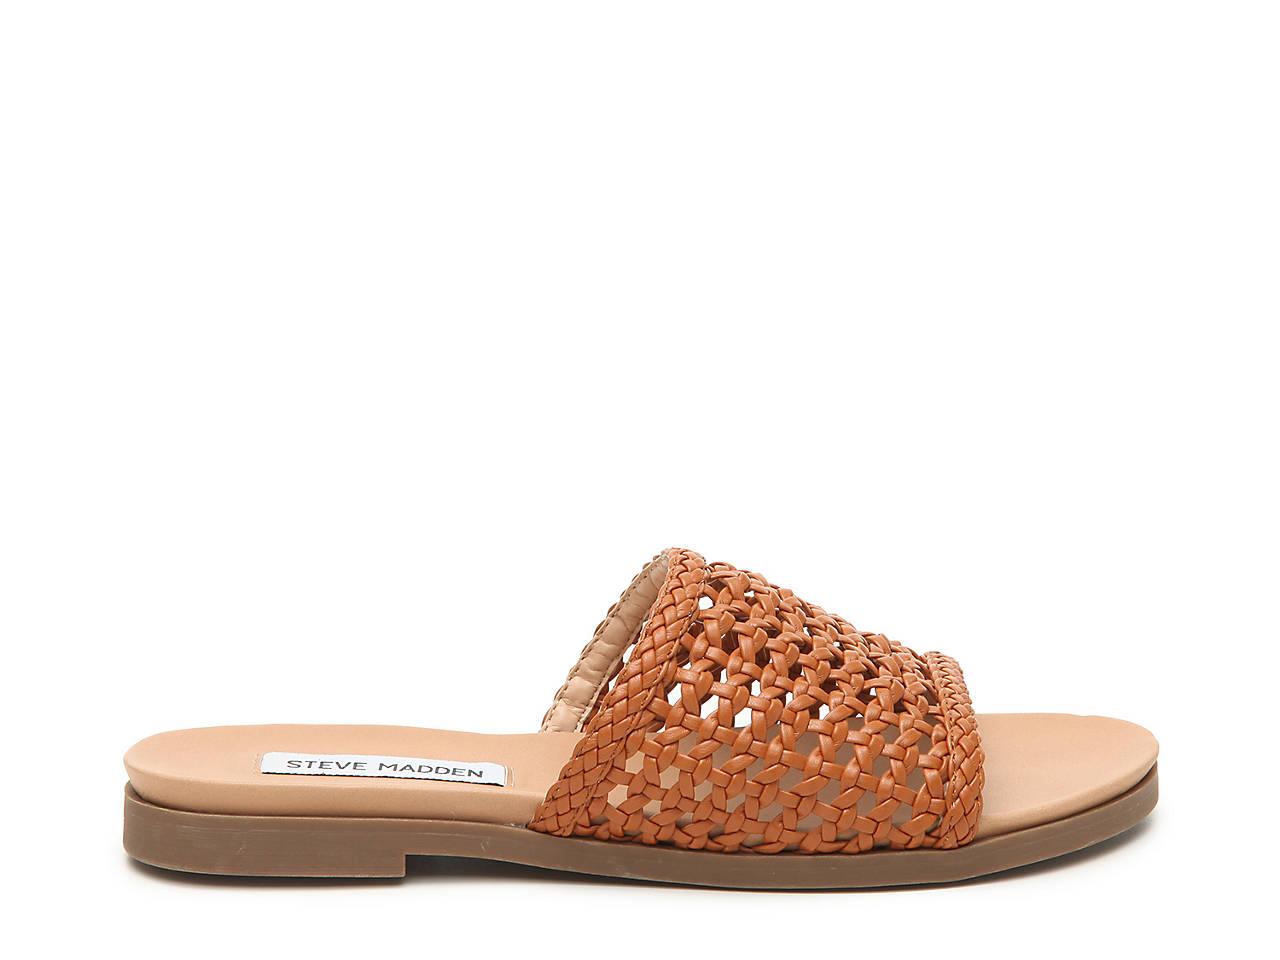 60e56953016 Steve Madden Kataryna Sandal Women s Shoes